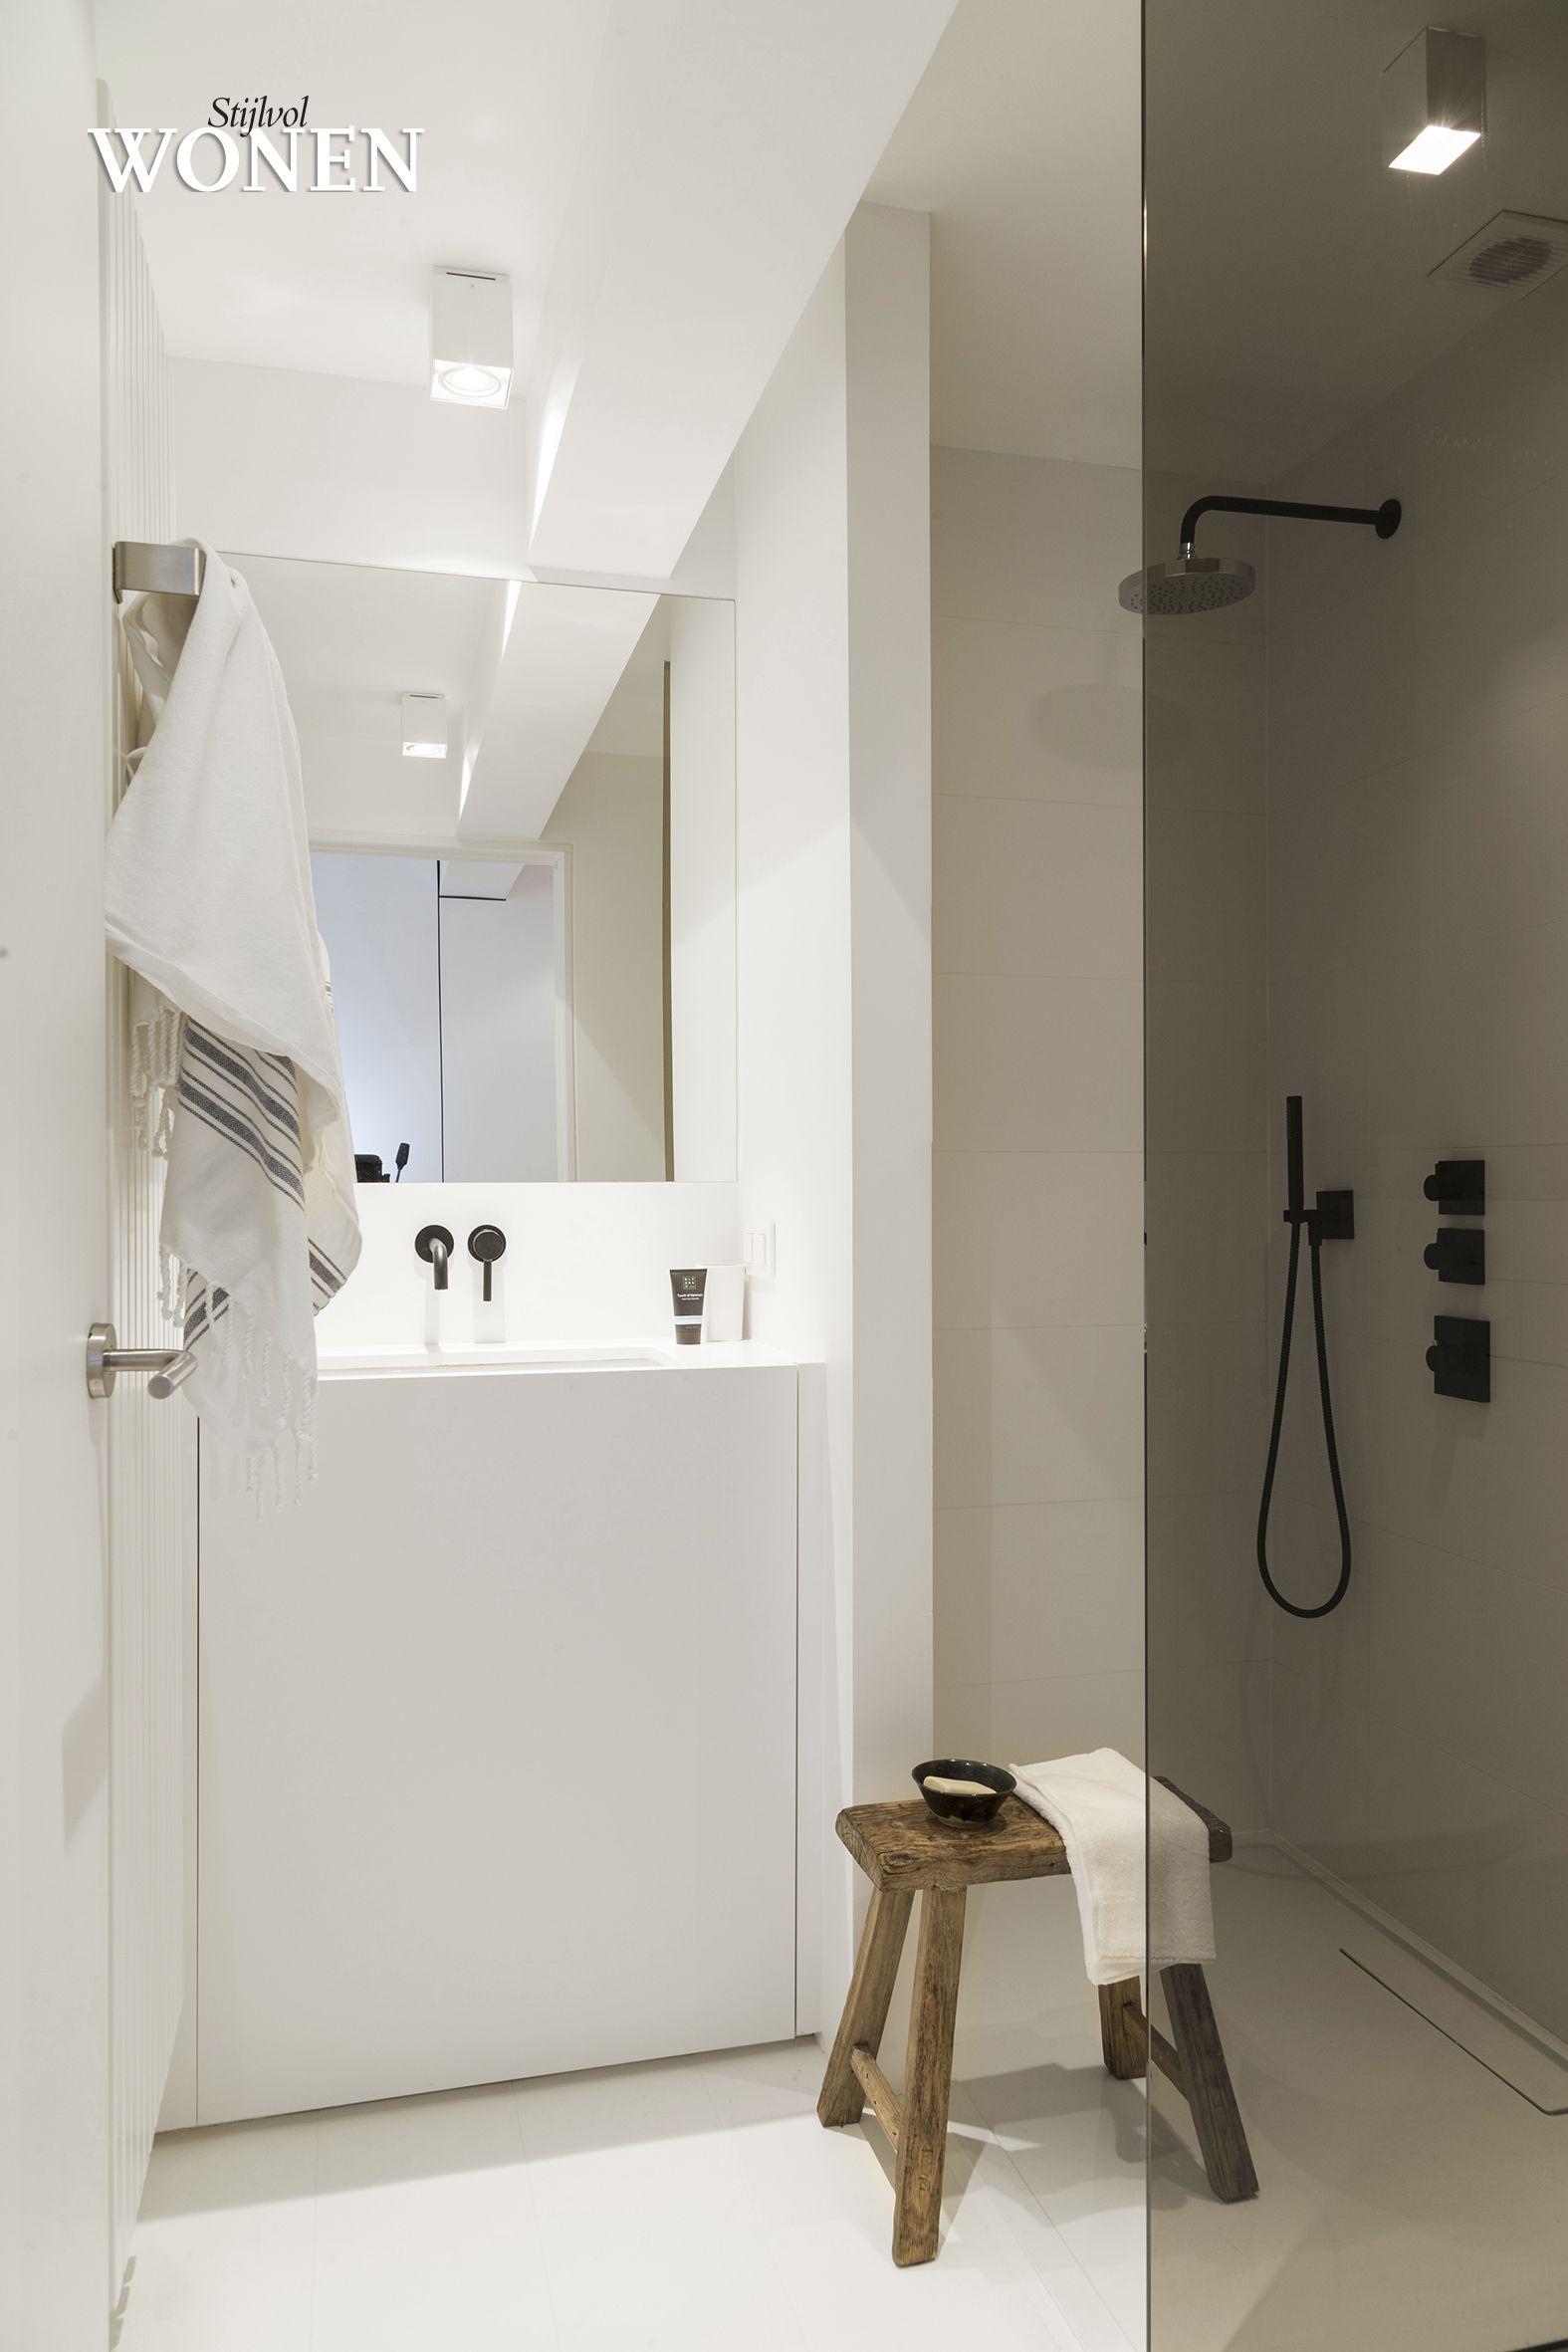 Oscar v bathroom stijlvol wonen foto sarah van hove interior